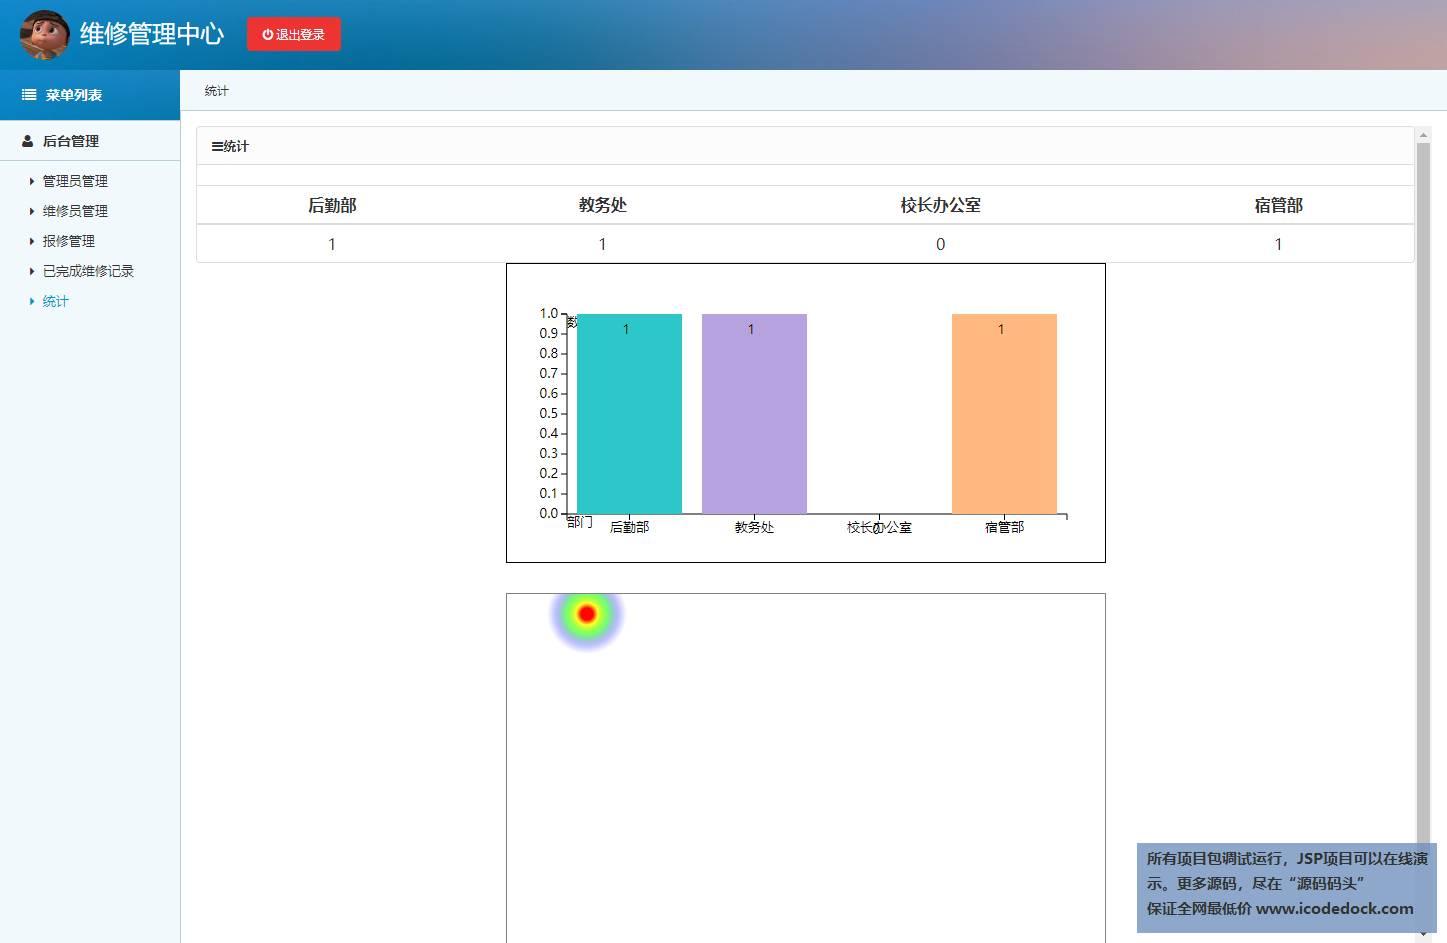 源码码头-SSM校园报修管理系统-管理员角色-查看统计